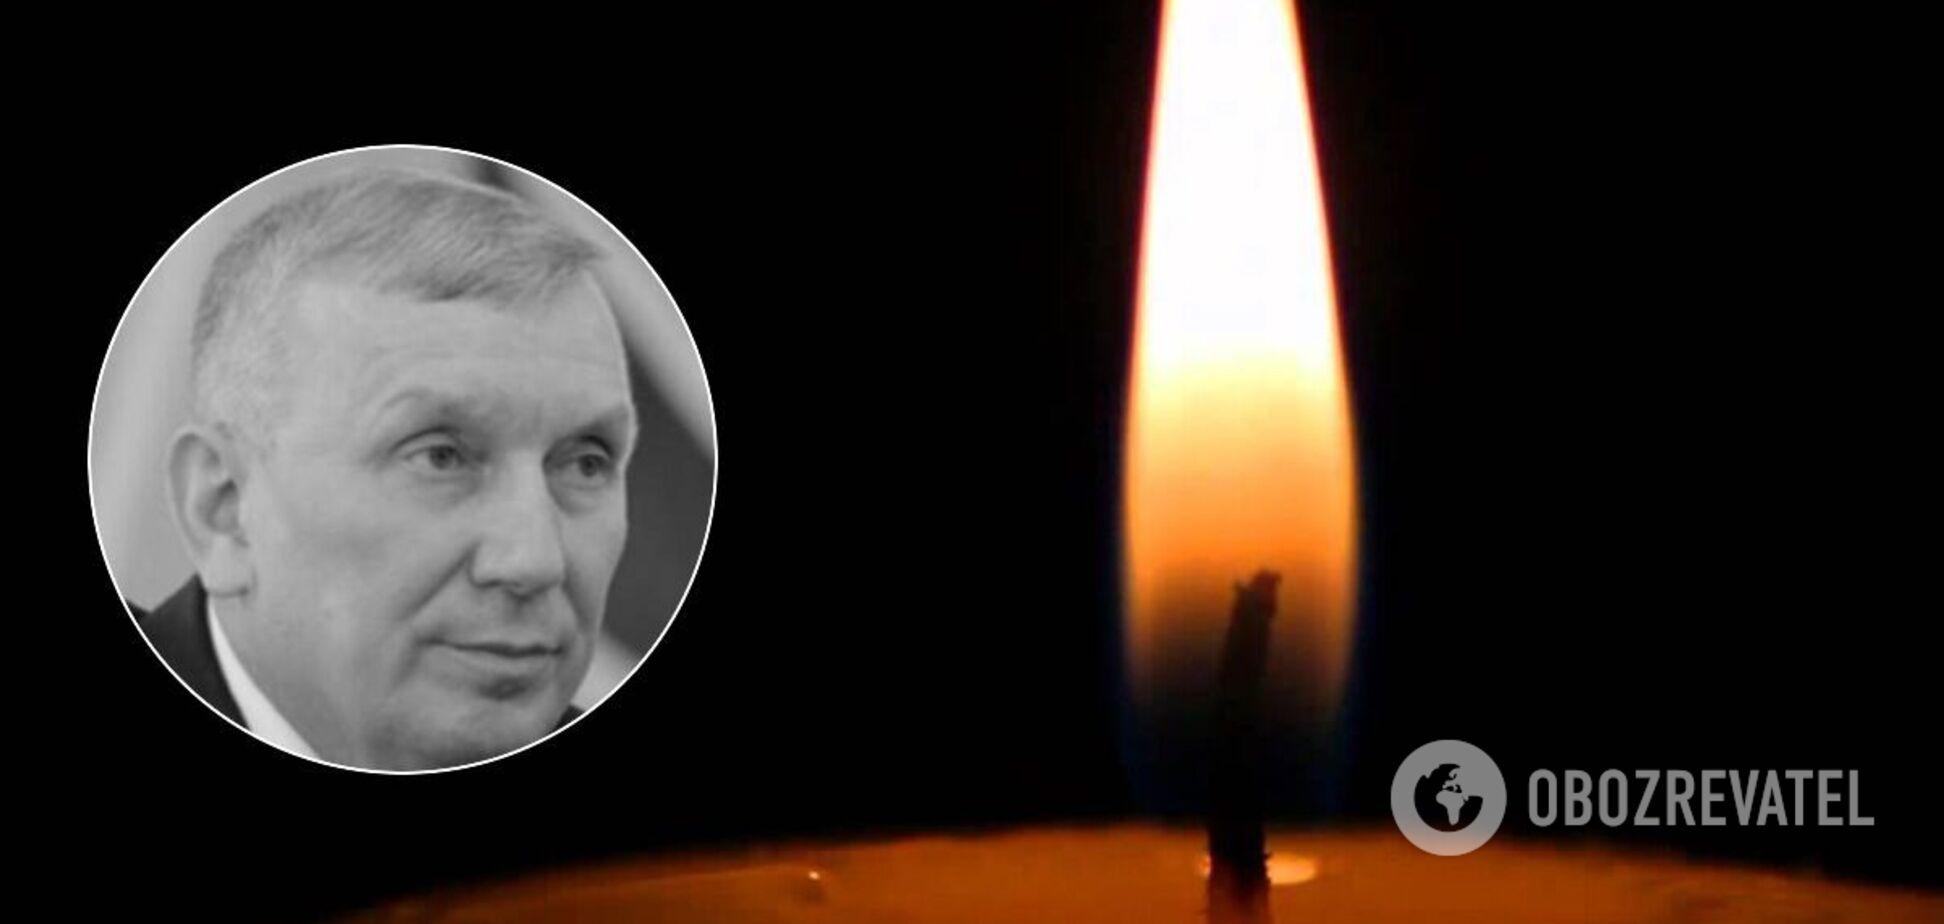 Від COVID-19 помер скандальний генерал Пісний